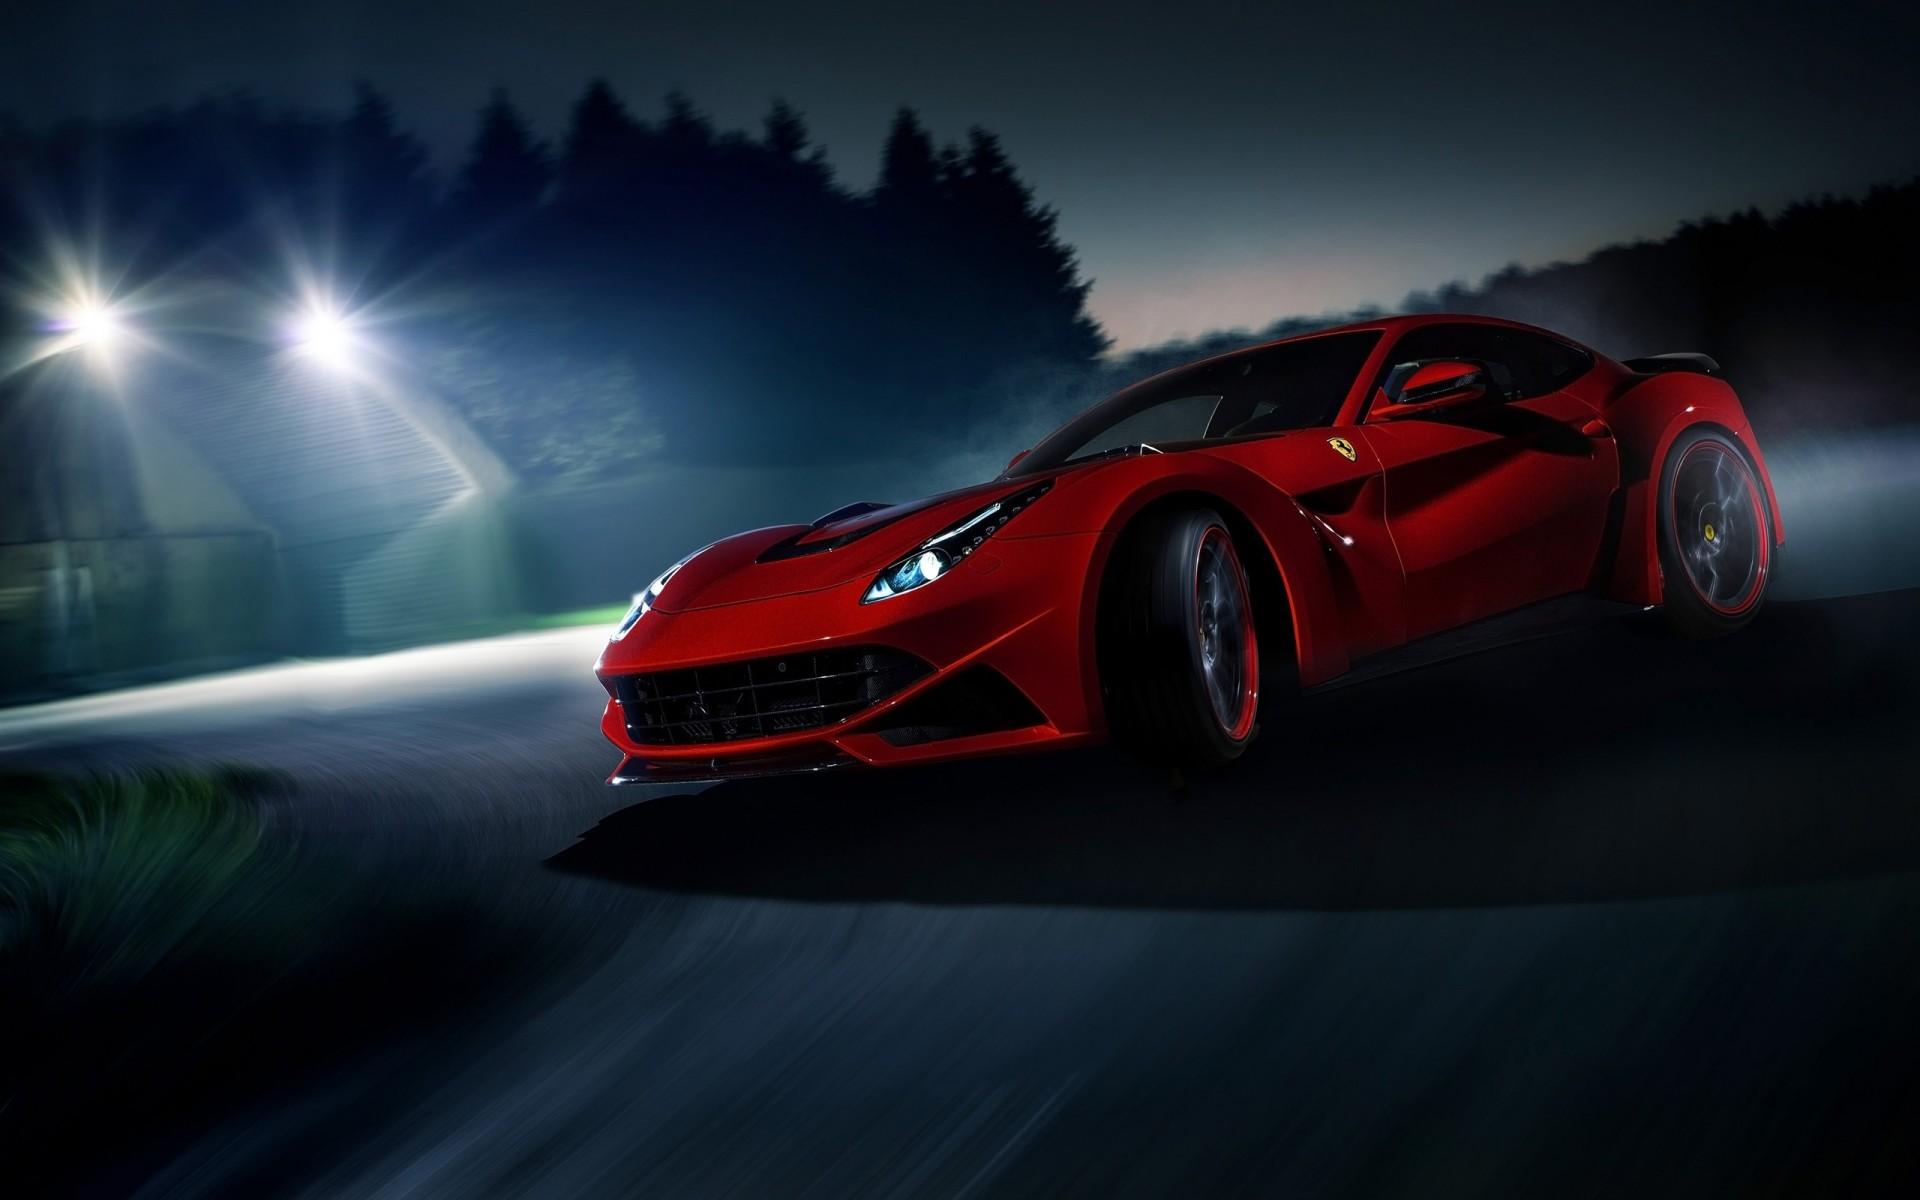 Ferrari F12 дорога забор  № 2437961 загрузить